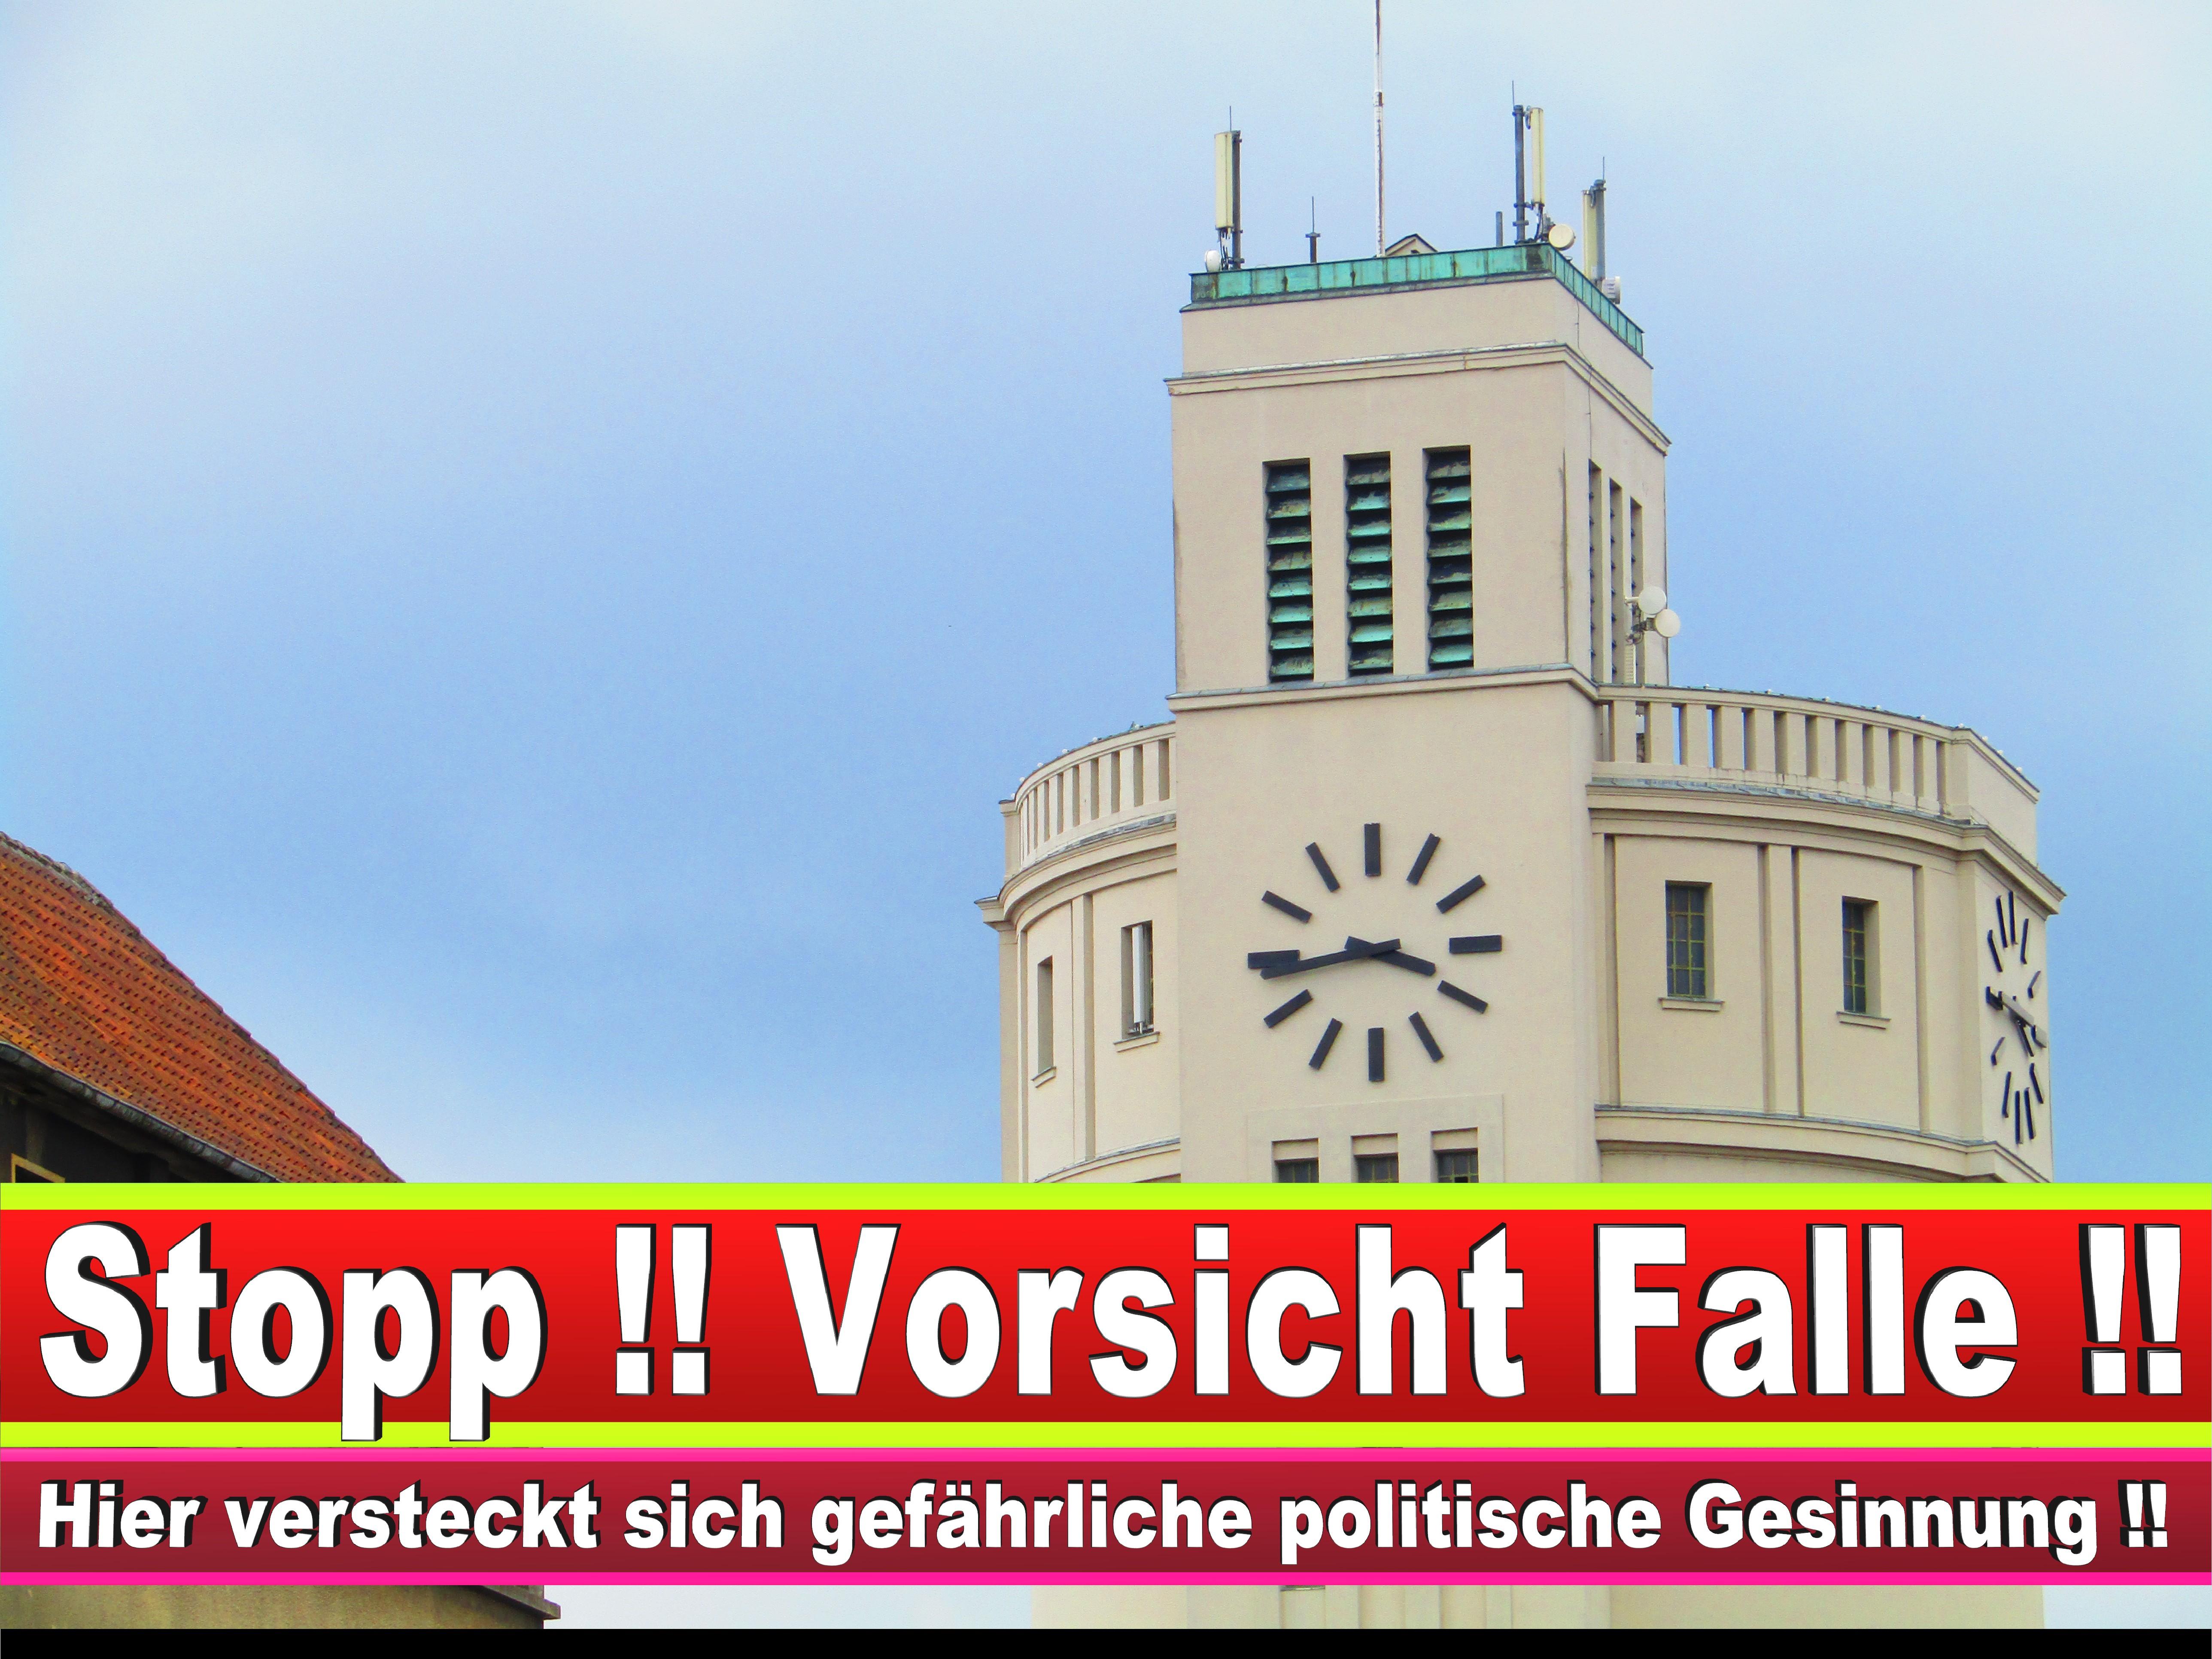 UNKELBACH METALLVERARBEITUNG Heinrich Unkelbach Krackser Str 12 Bielefeld